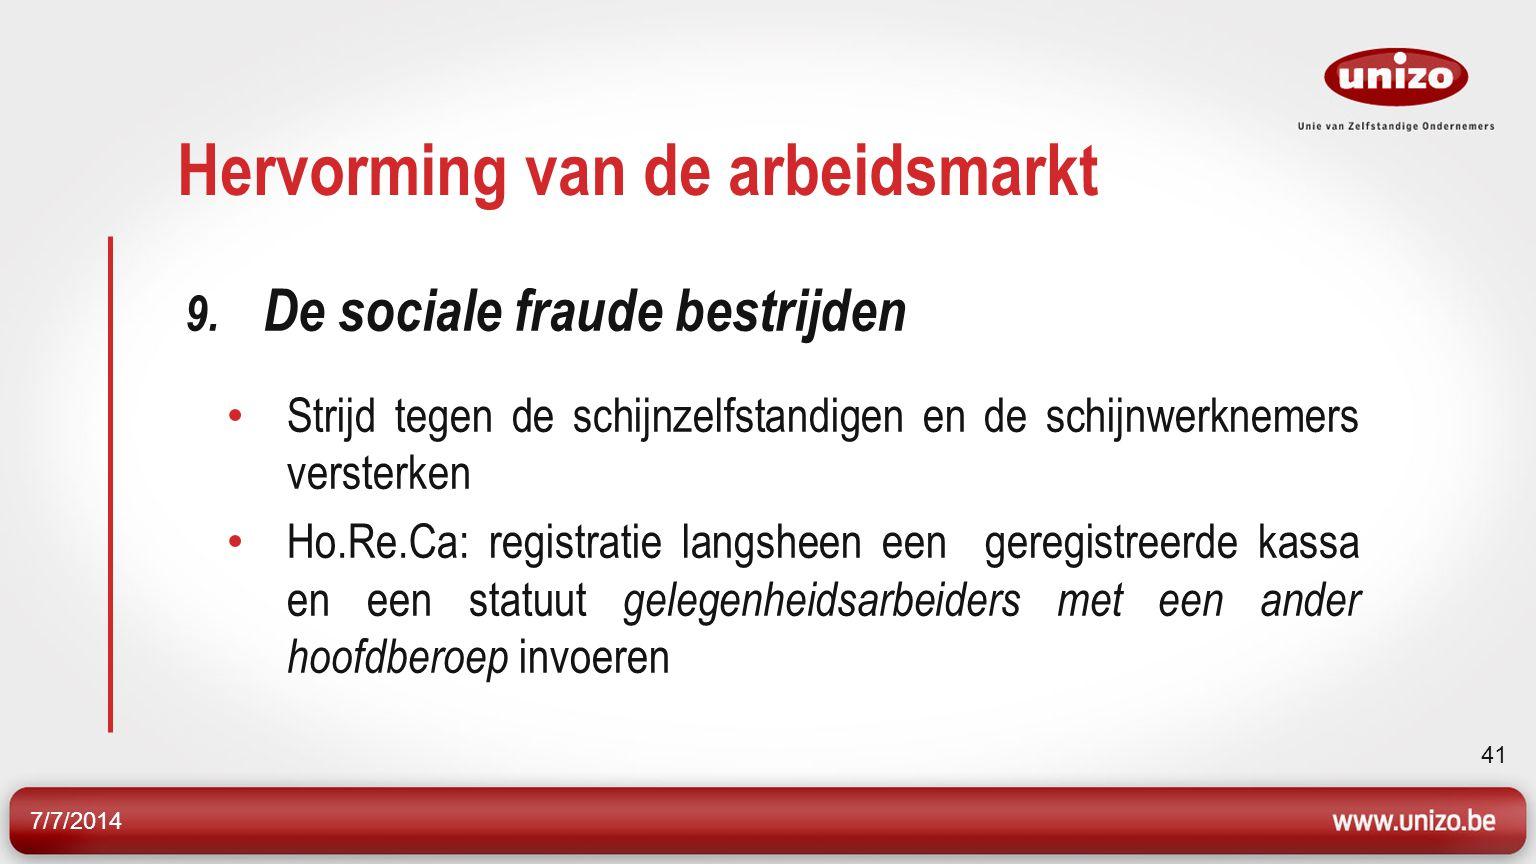 7/7/2014 41 Hervorming van de arbeidsmarkt 9.